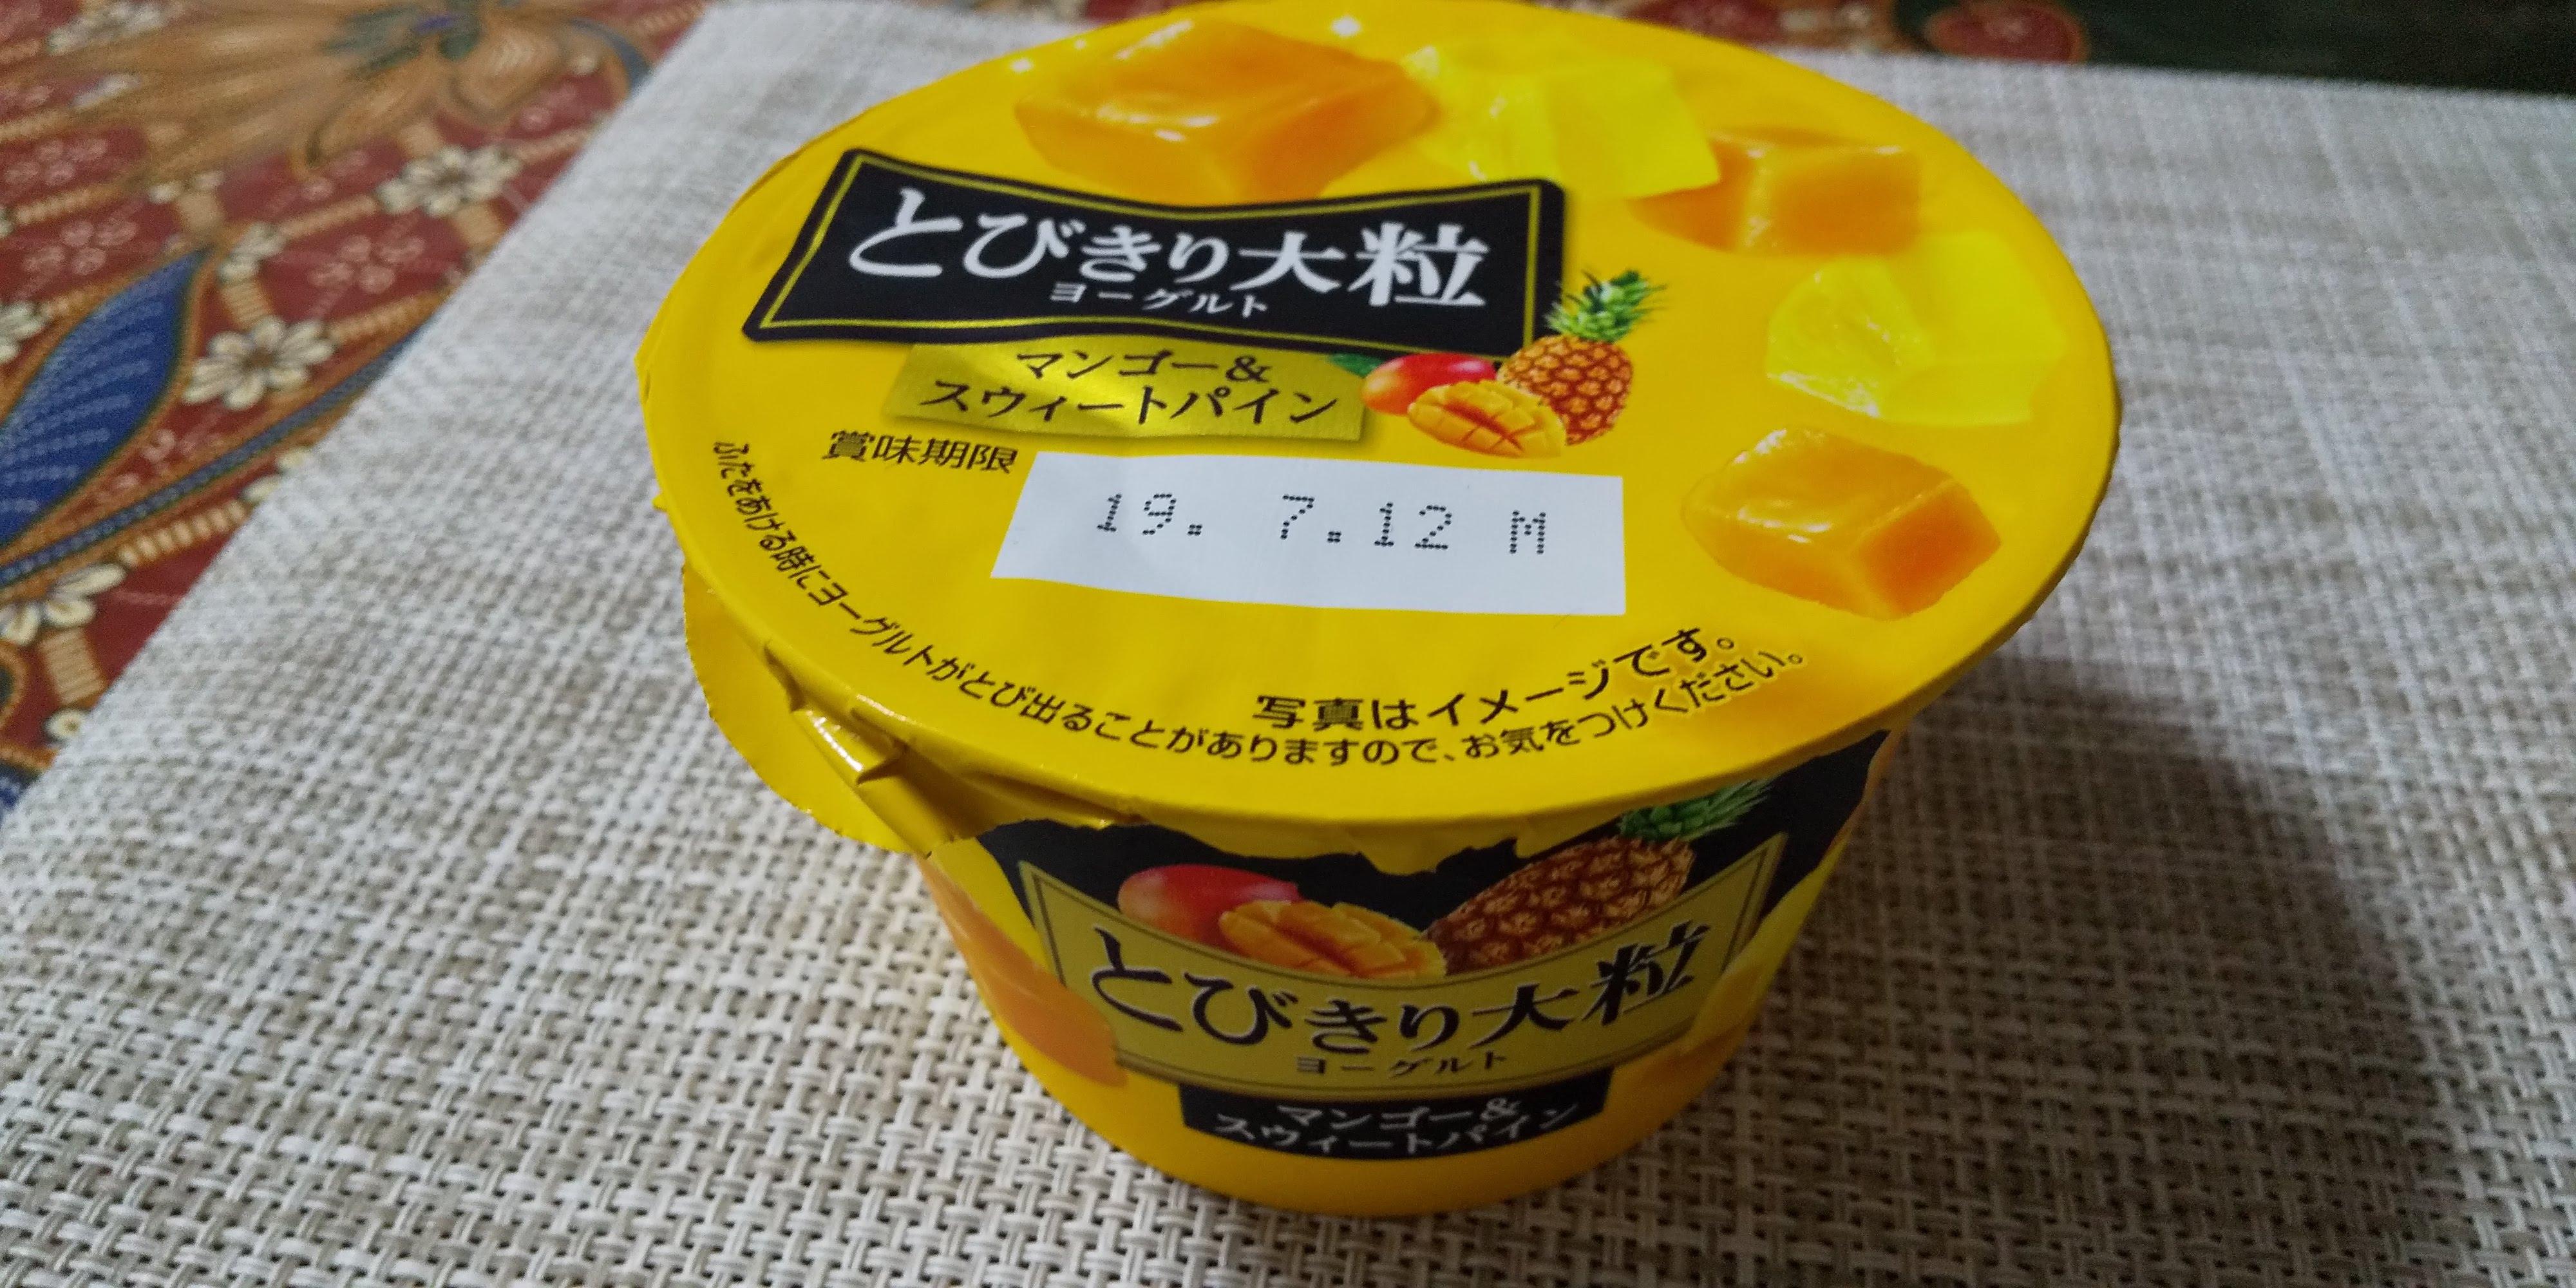 北海道乳業『とびきり大粒ヨーグルト マンゴー&スィートパイン』の画像